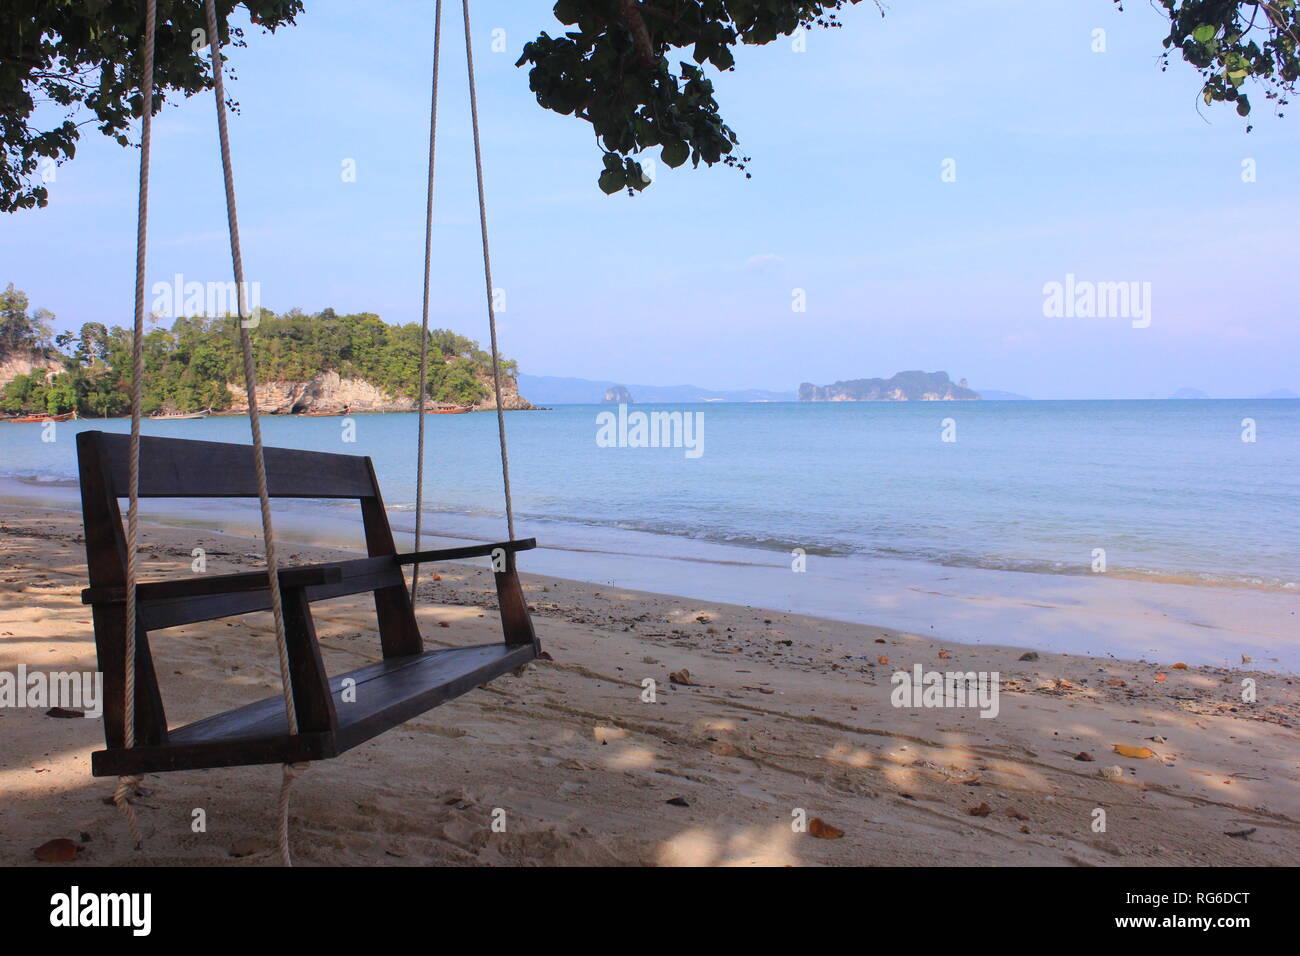 Holzschaukel am Strand einer thailändischen Insel mit Ausblick aufs Meer und die umgebenden Inseln - Stock Image